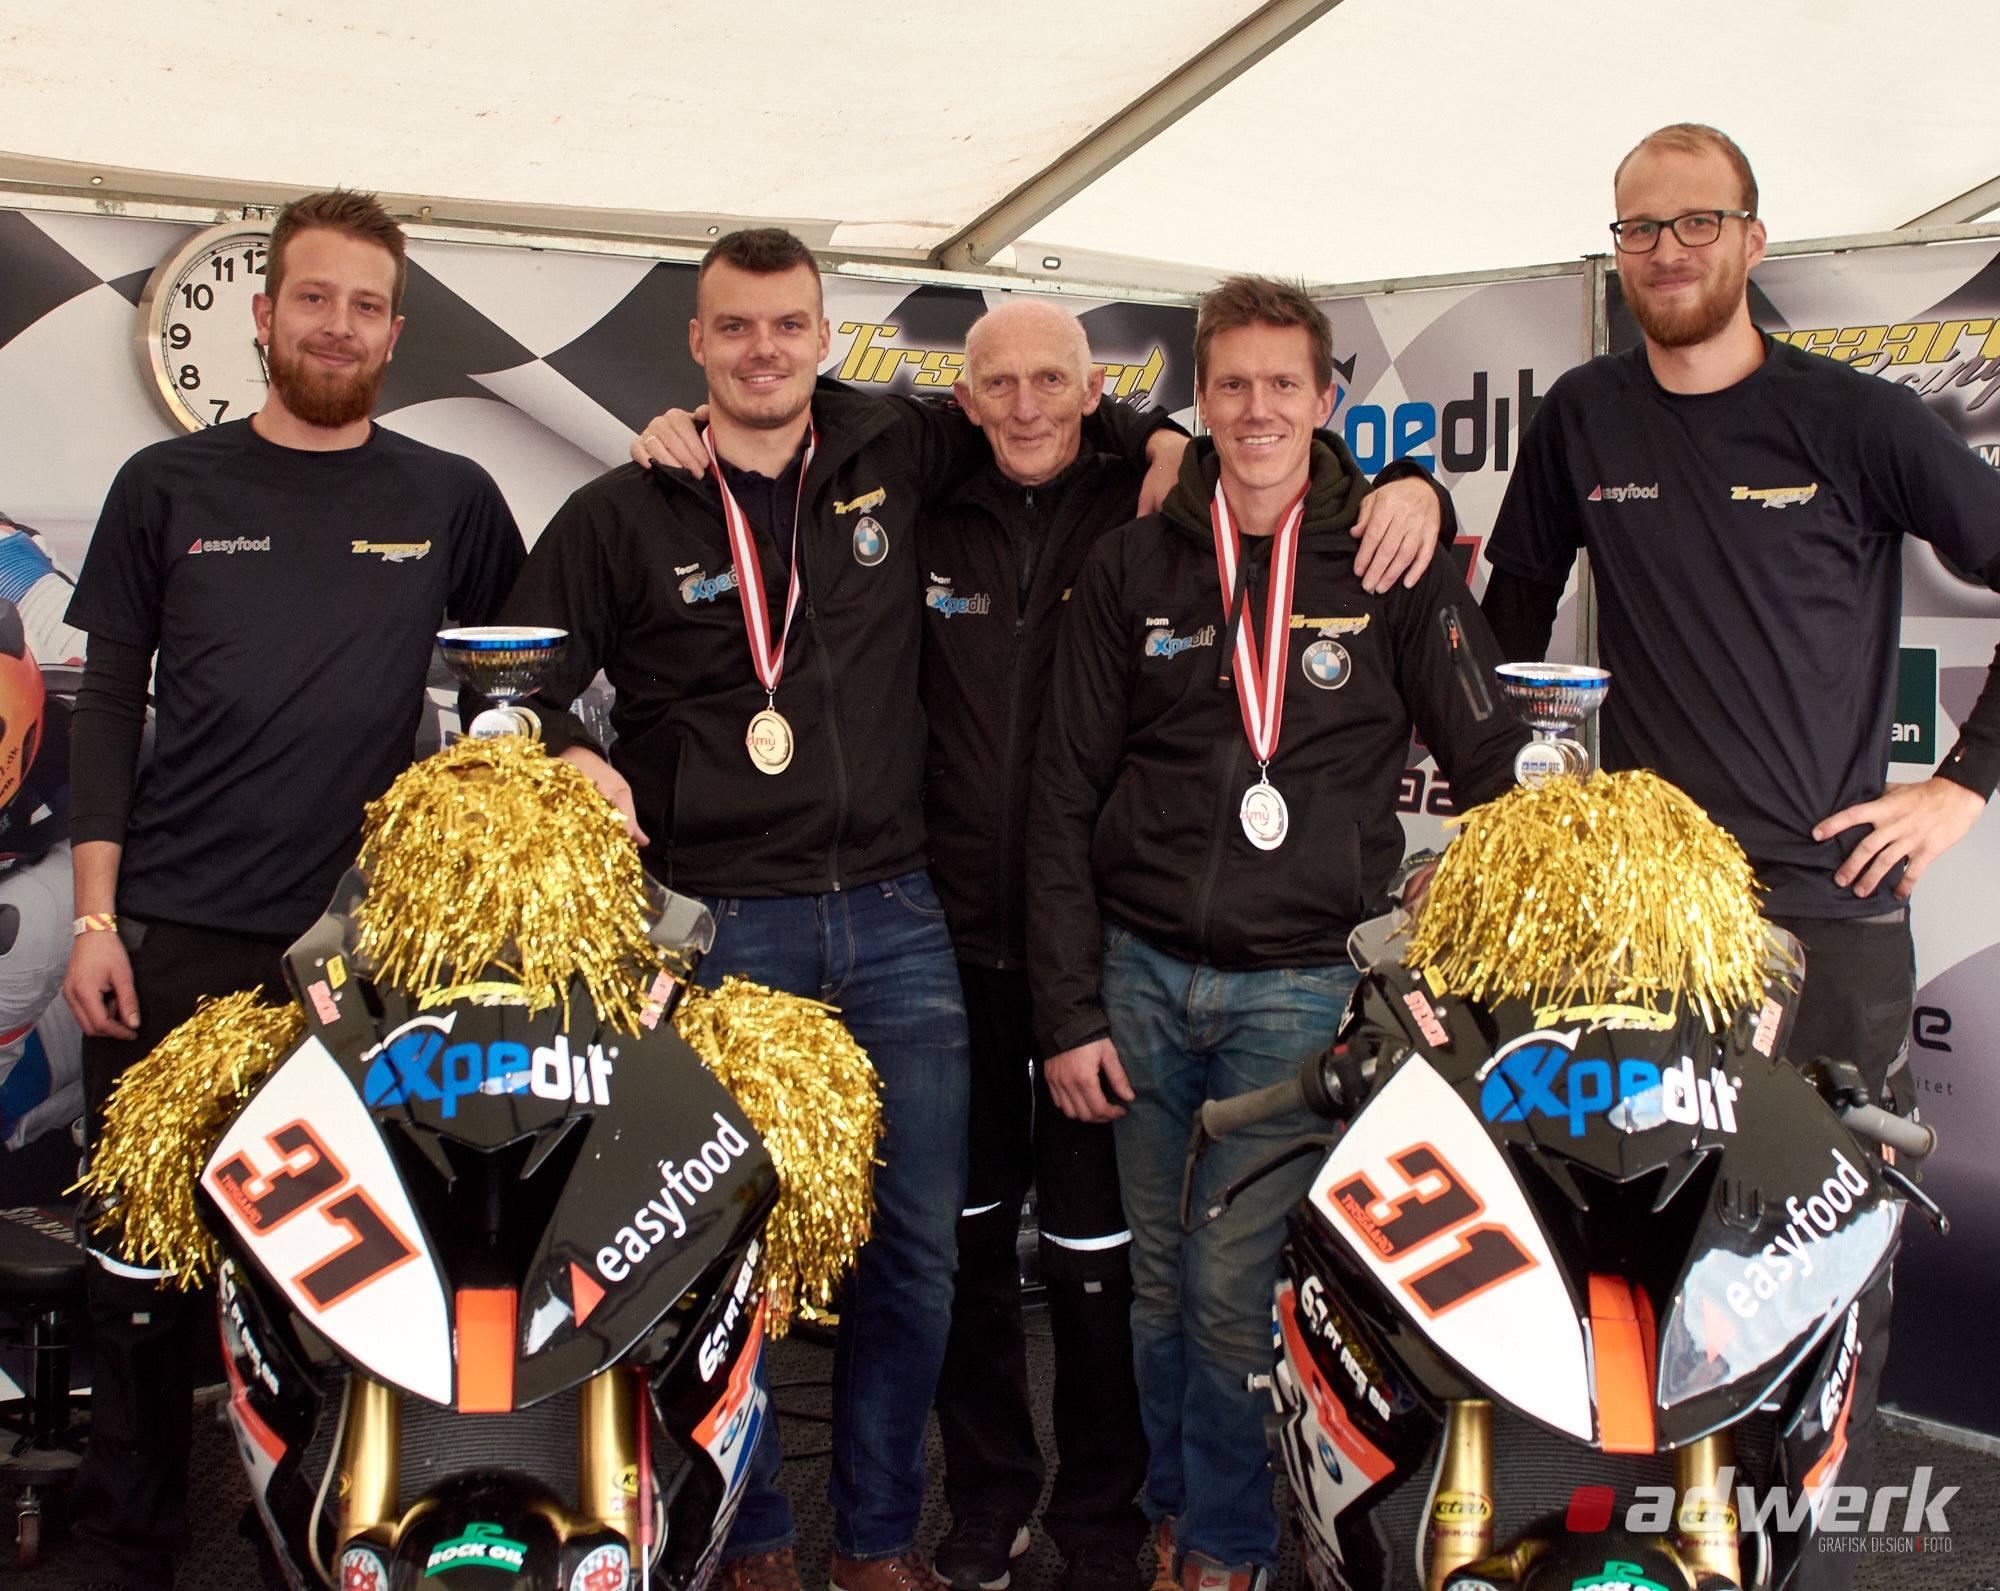 billedet er fra 2018 på Jyllandsringen efter Simon og Steven for 2. år i træk var blevet nr. 1 og 2 i DM for Superbike kørere.